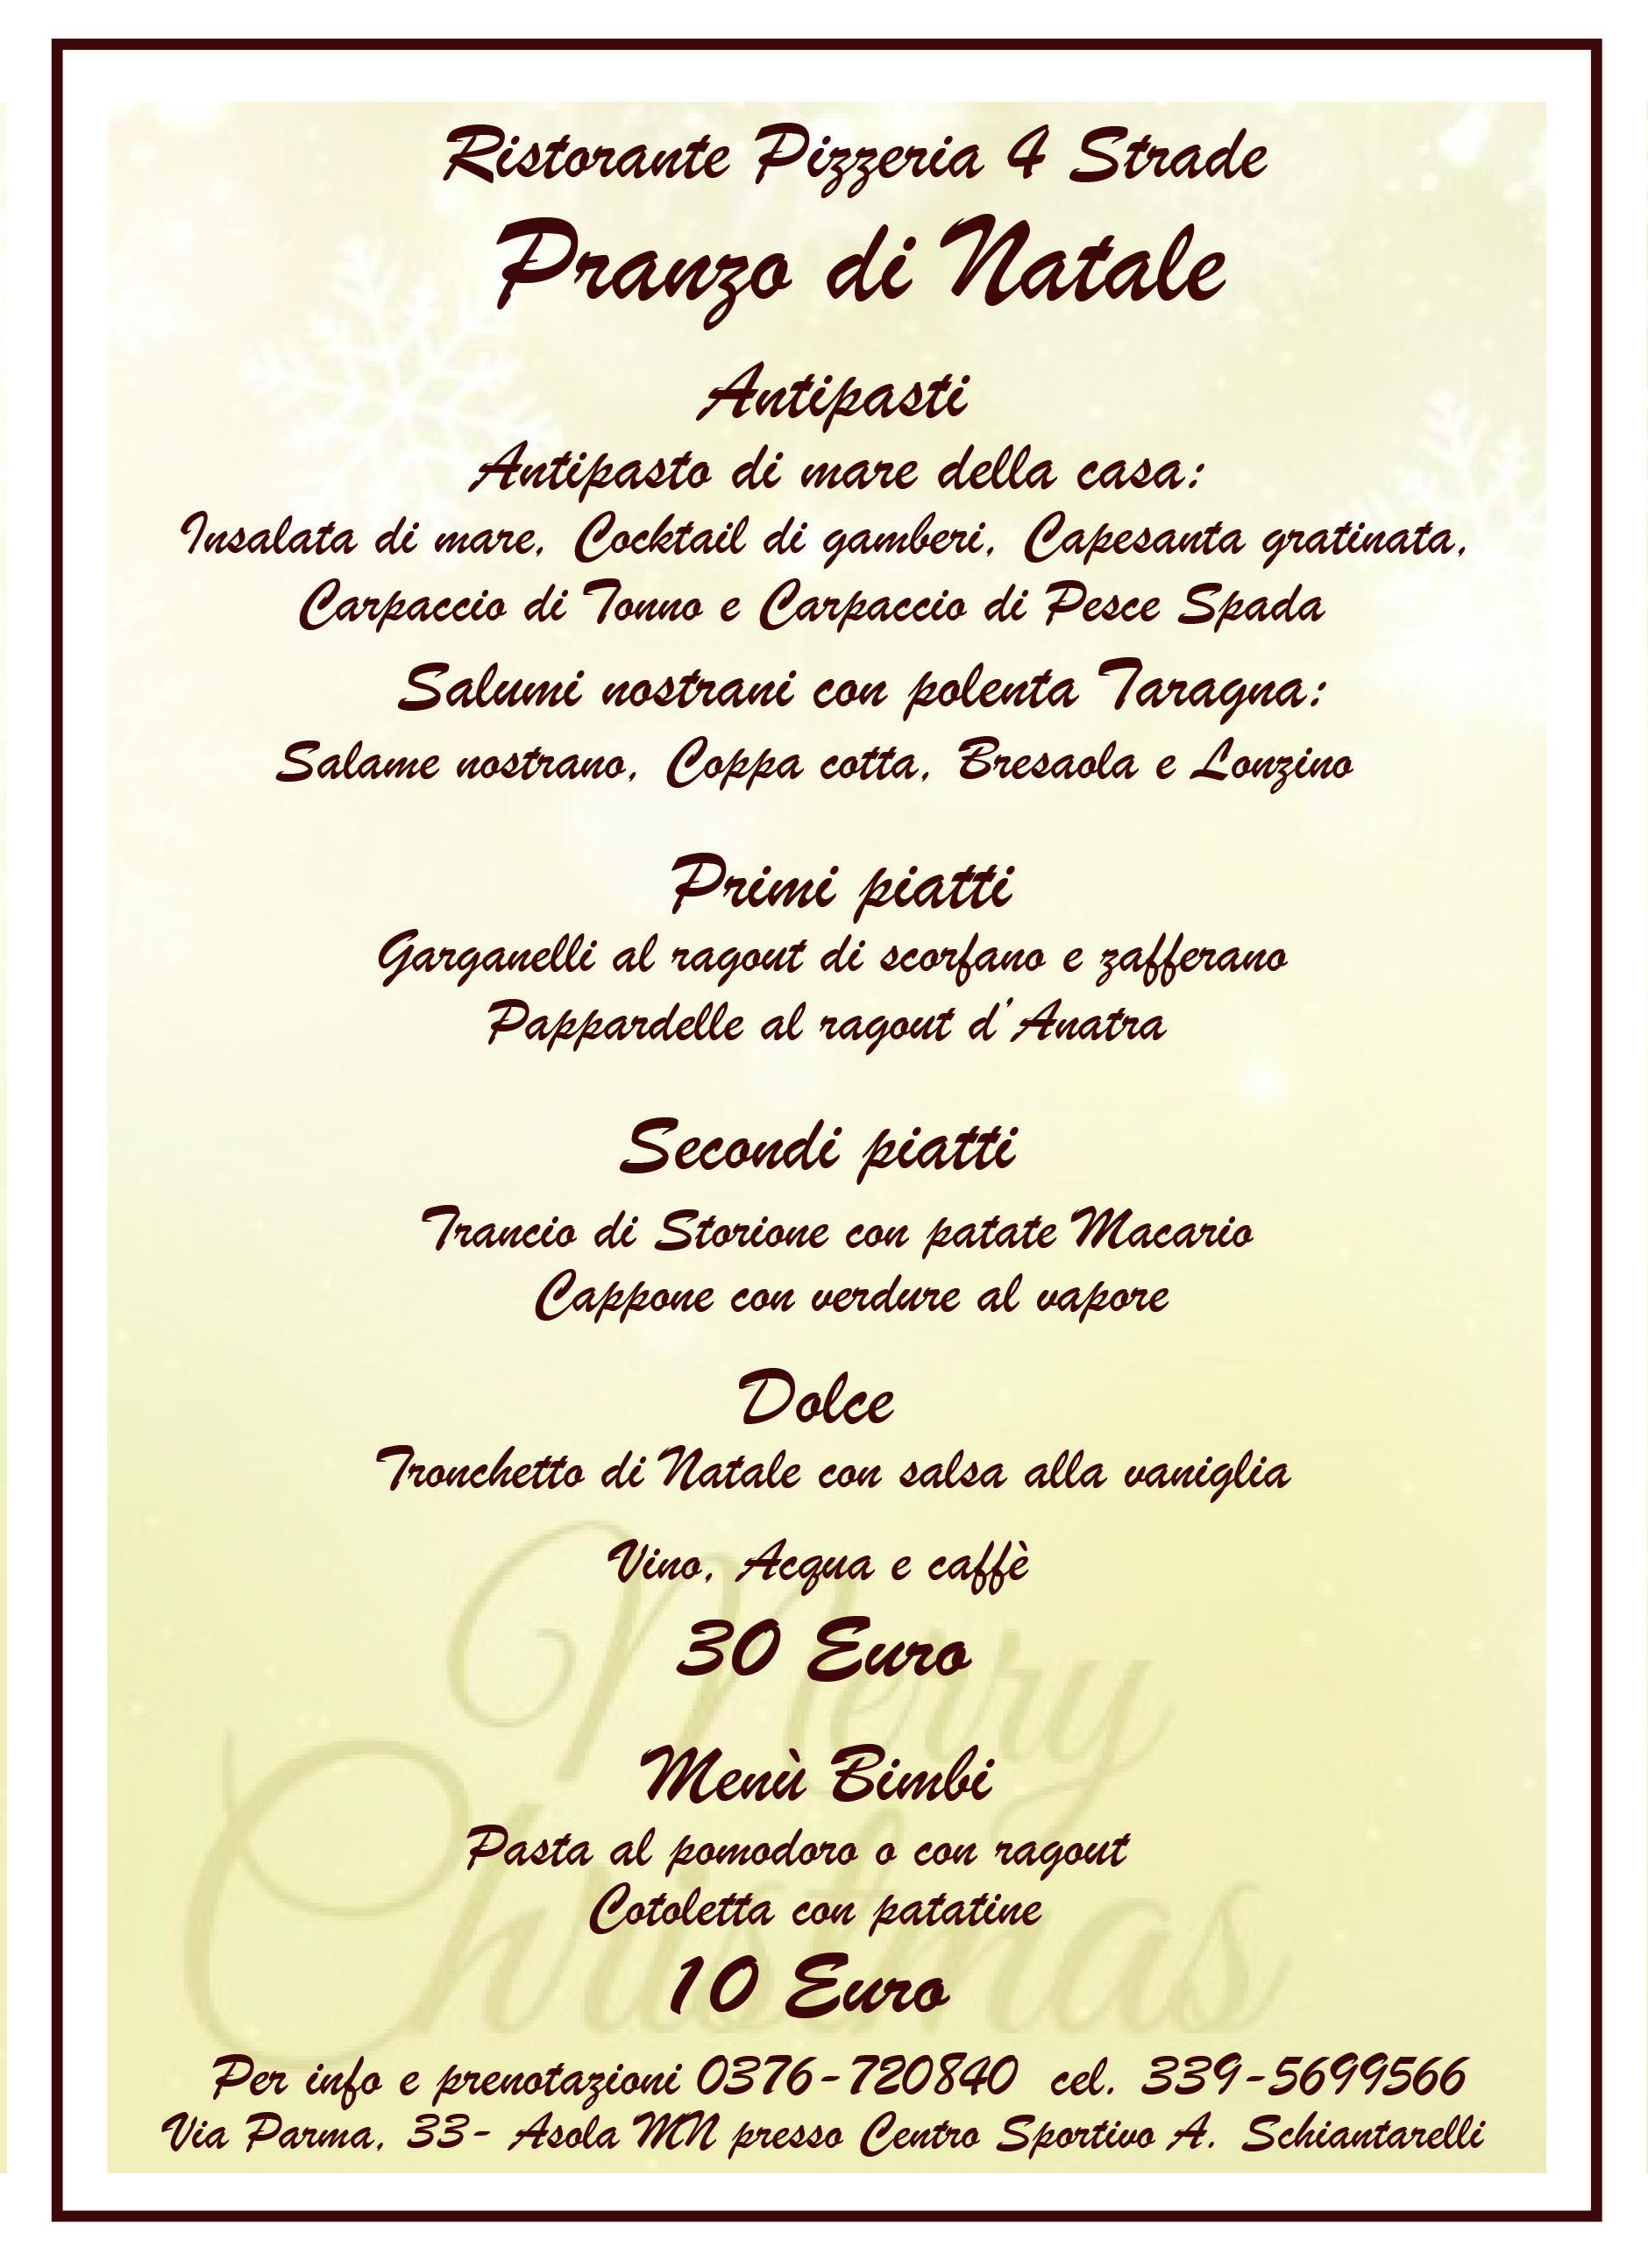 Cena Di Natale Menu Tradizionale.Pranzo Santo Natale 4strade Ristorante Pizzeria